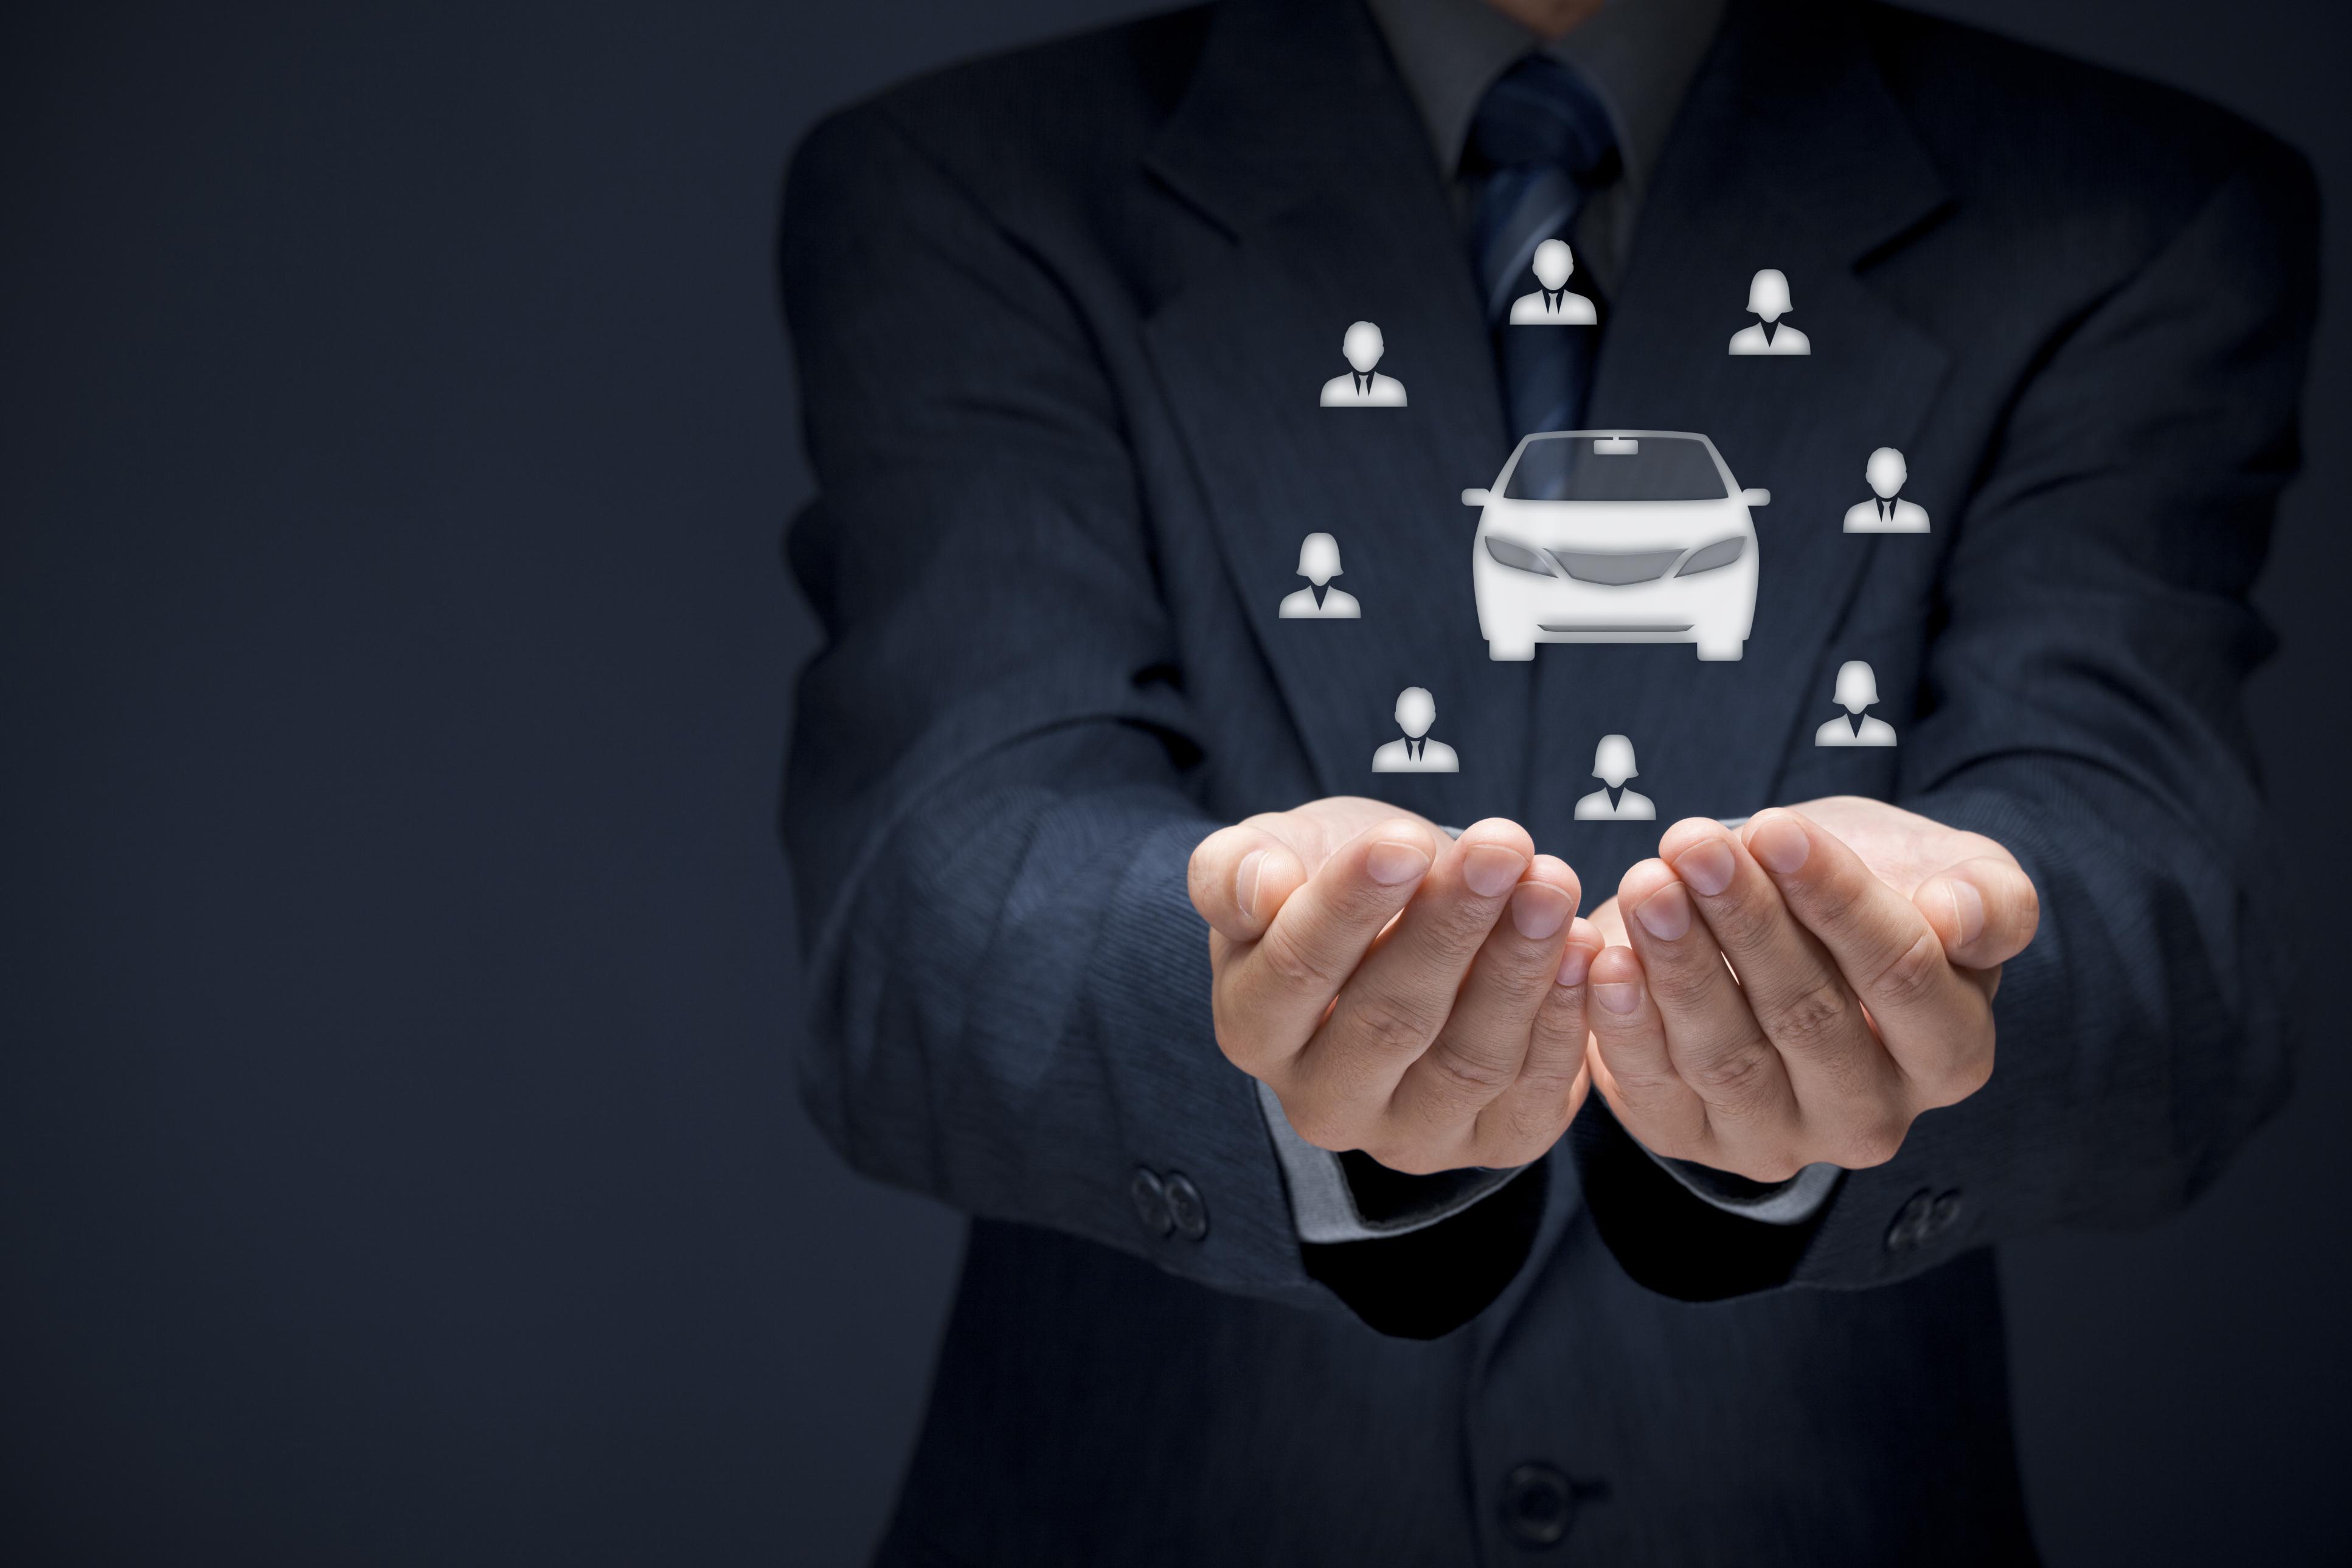 carpool ridesharing uber lyft